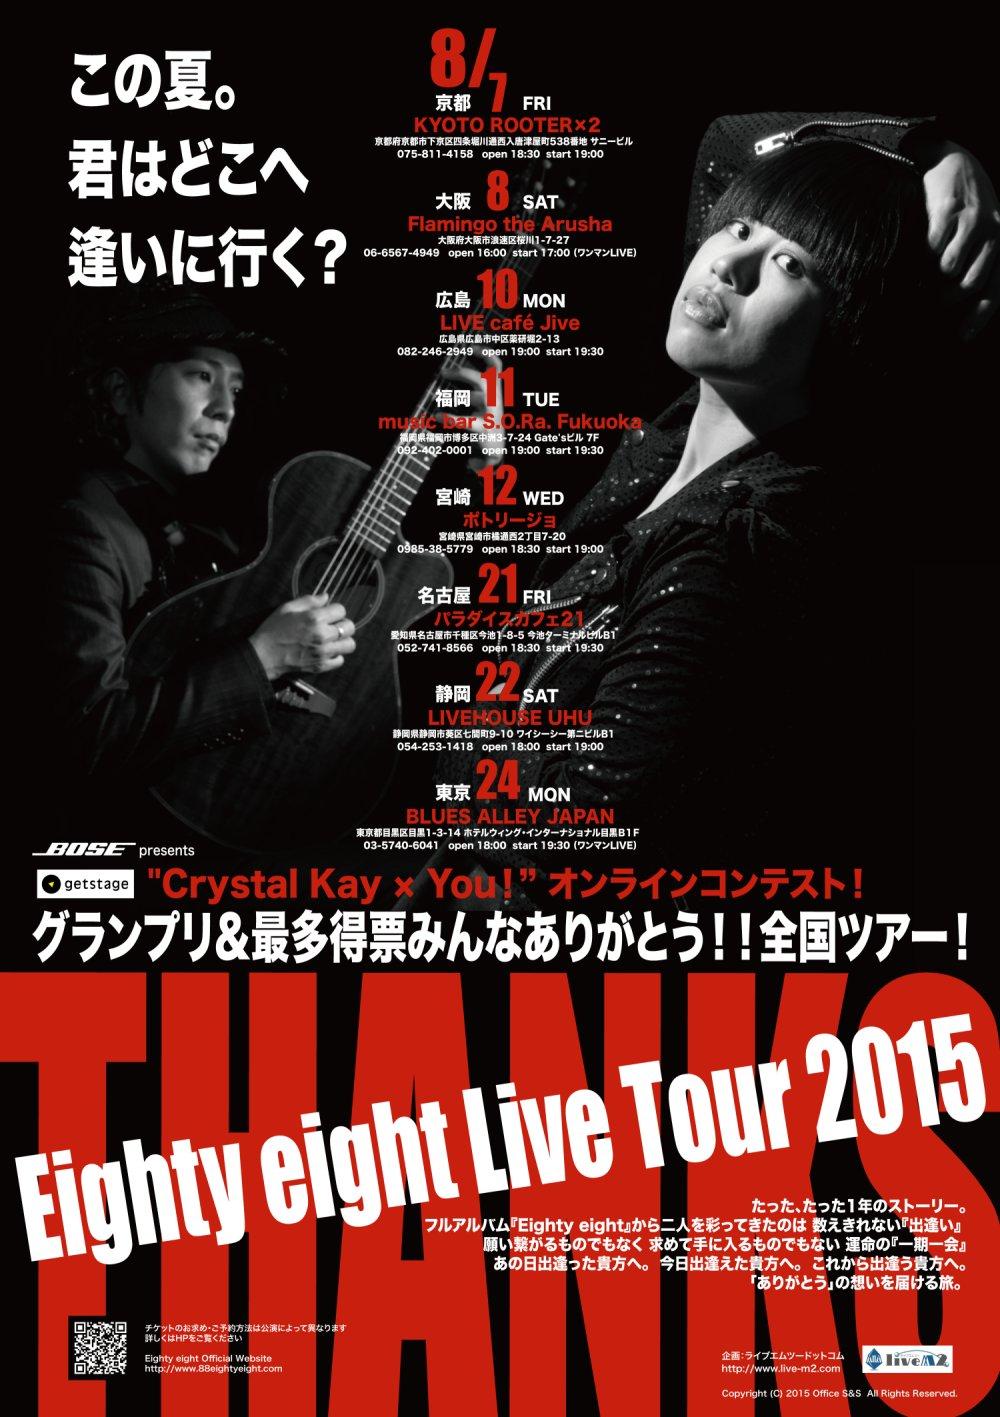 Eighty eight Live Tour2015「Thanks」